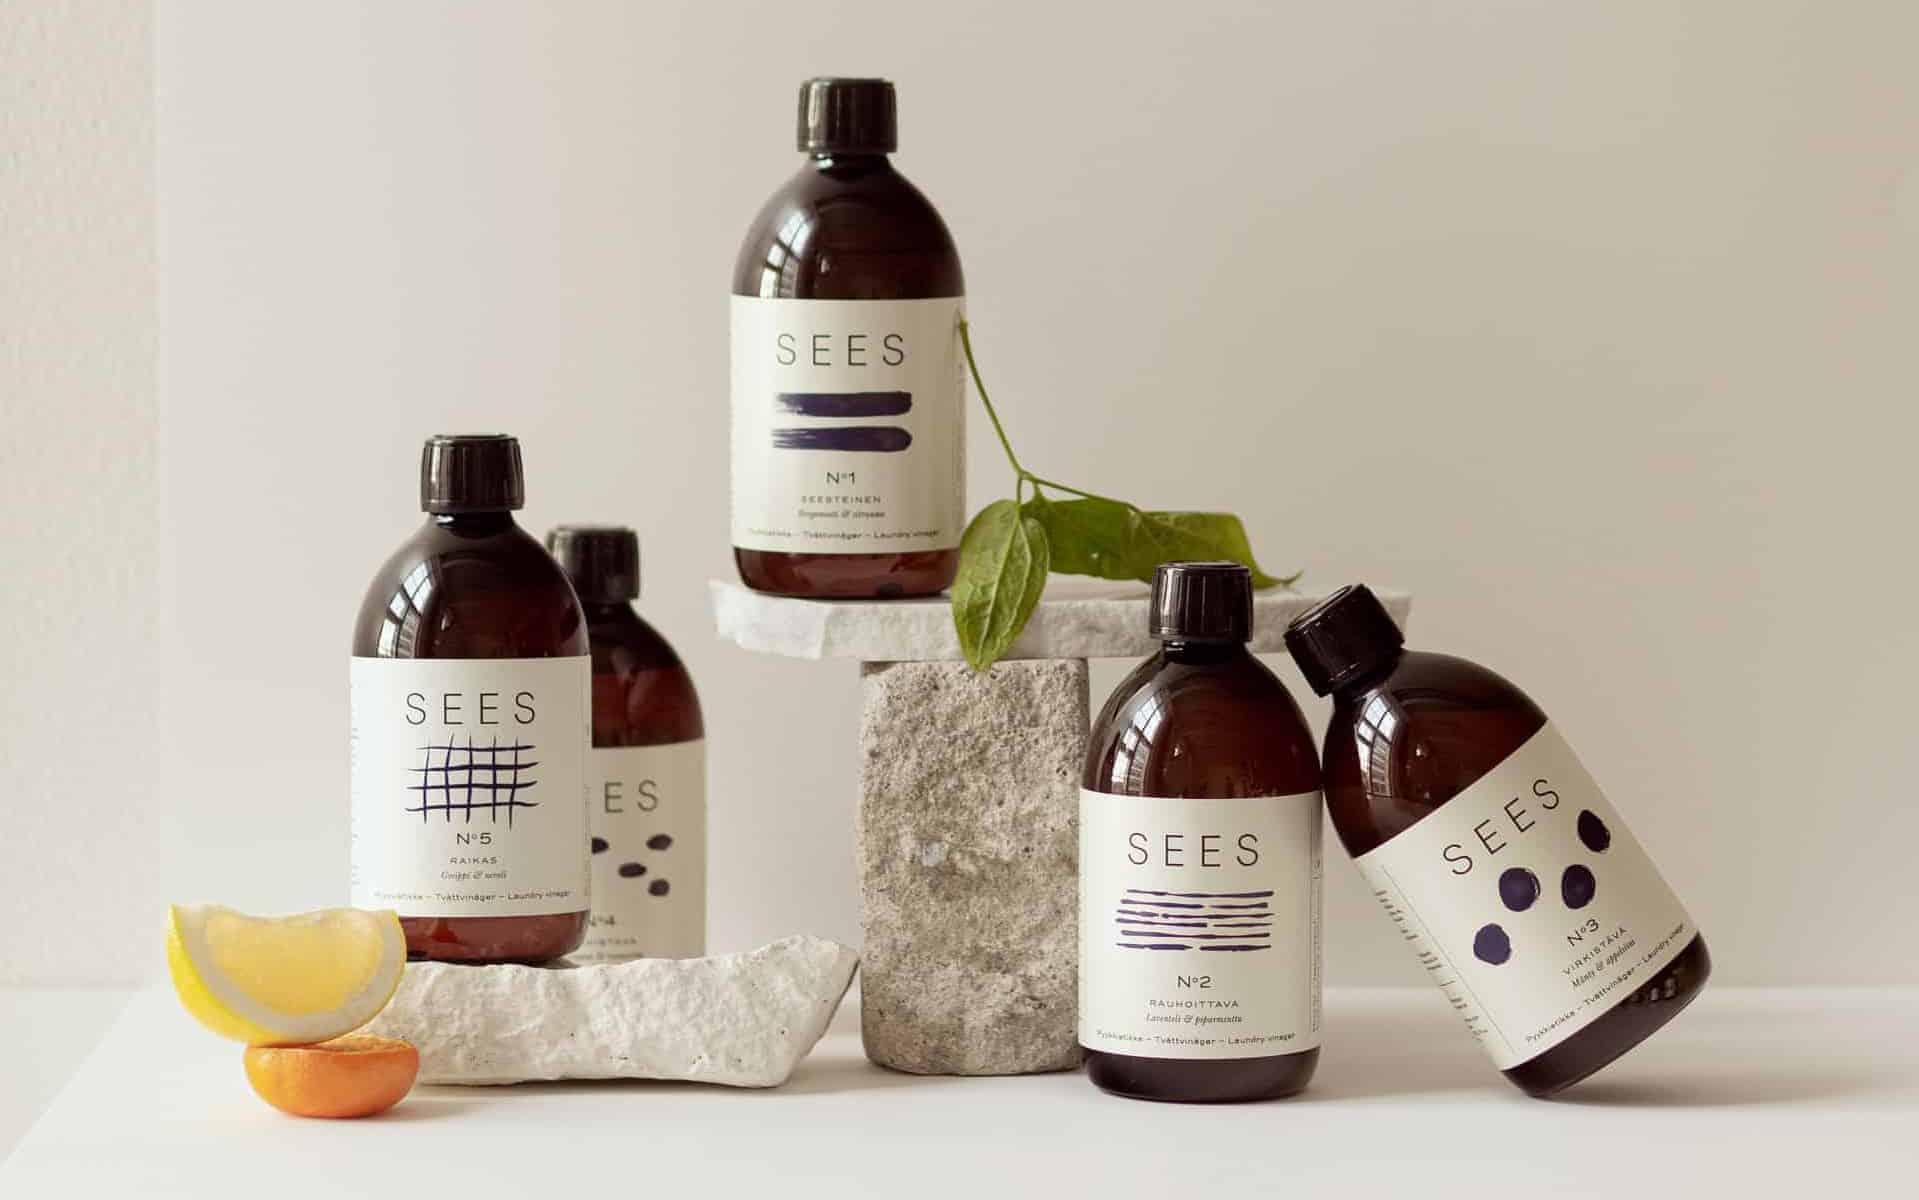 kotimainen pyykkietikka biohajoava kaunis pullo sees company